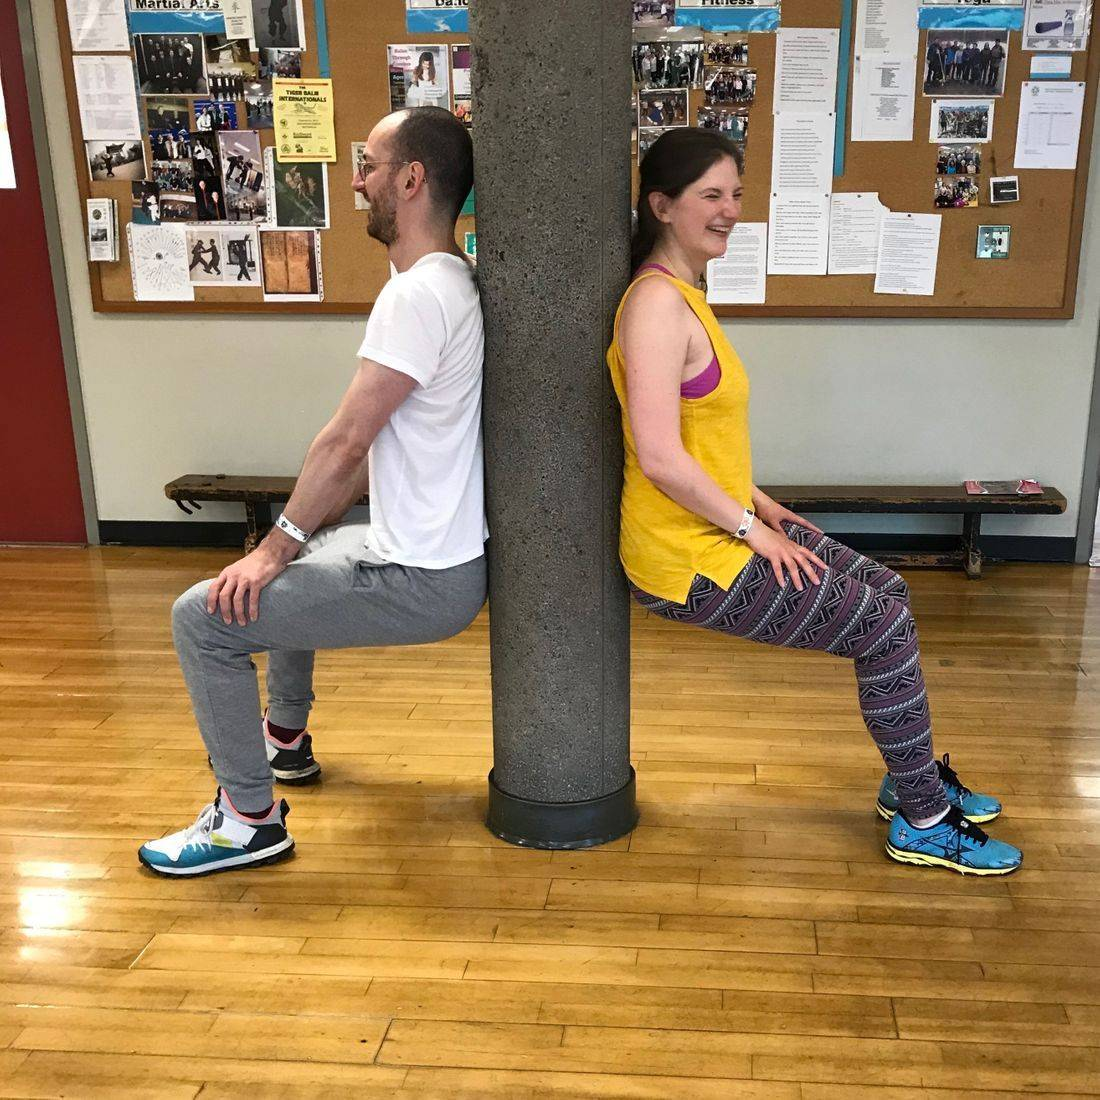 Prenatal, Prenatal Fitness, Prenatal Exercise, Prenatal WorkoutPostnatal Fitness, Postnatal Yoga, Bootcamp